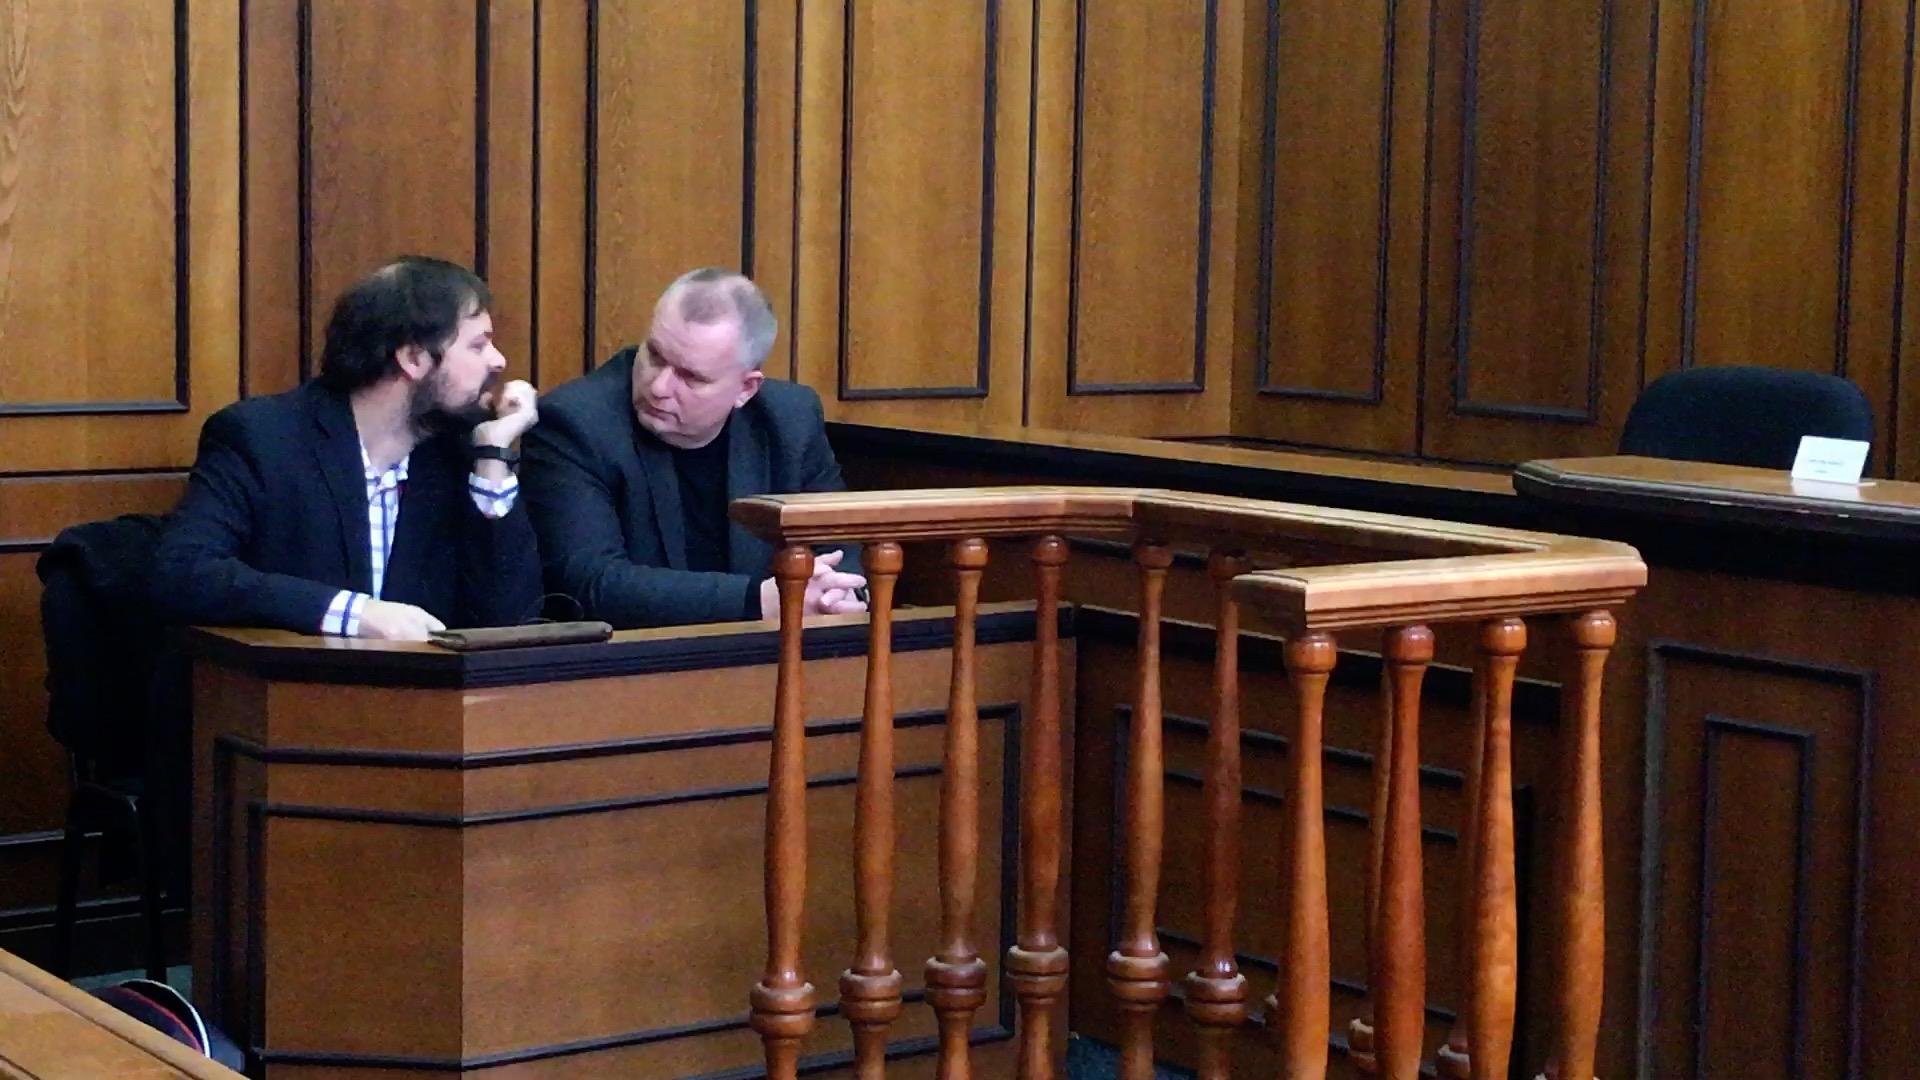 Stát přiznal exposlanci odškodné 300 tisíc, on chce u soudu dvacetkrát víc